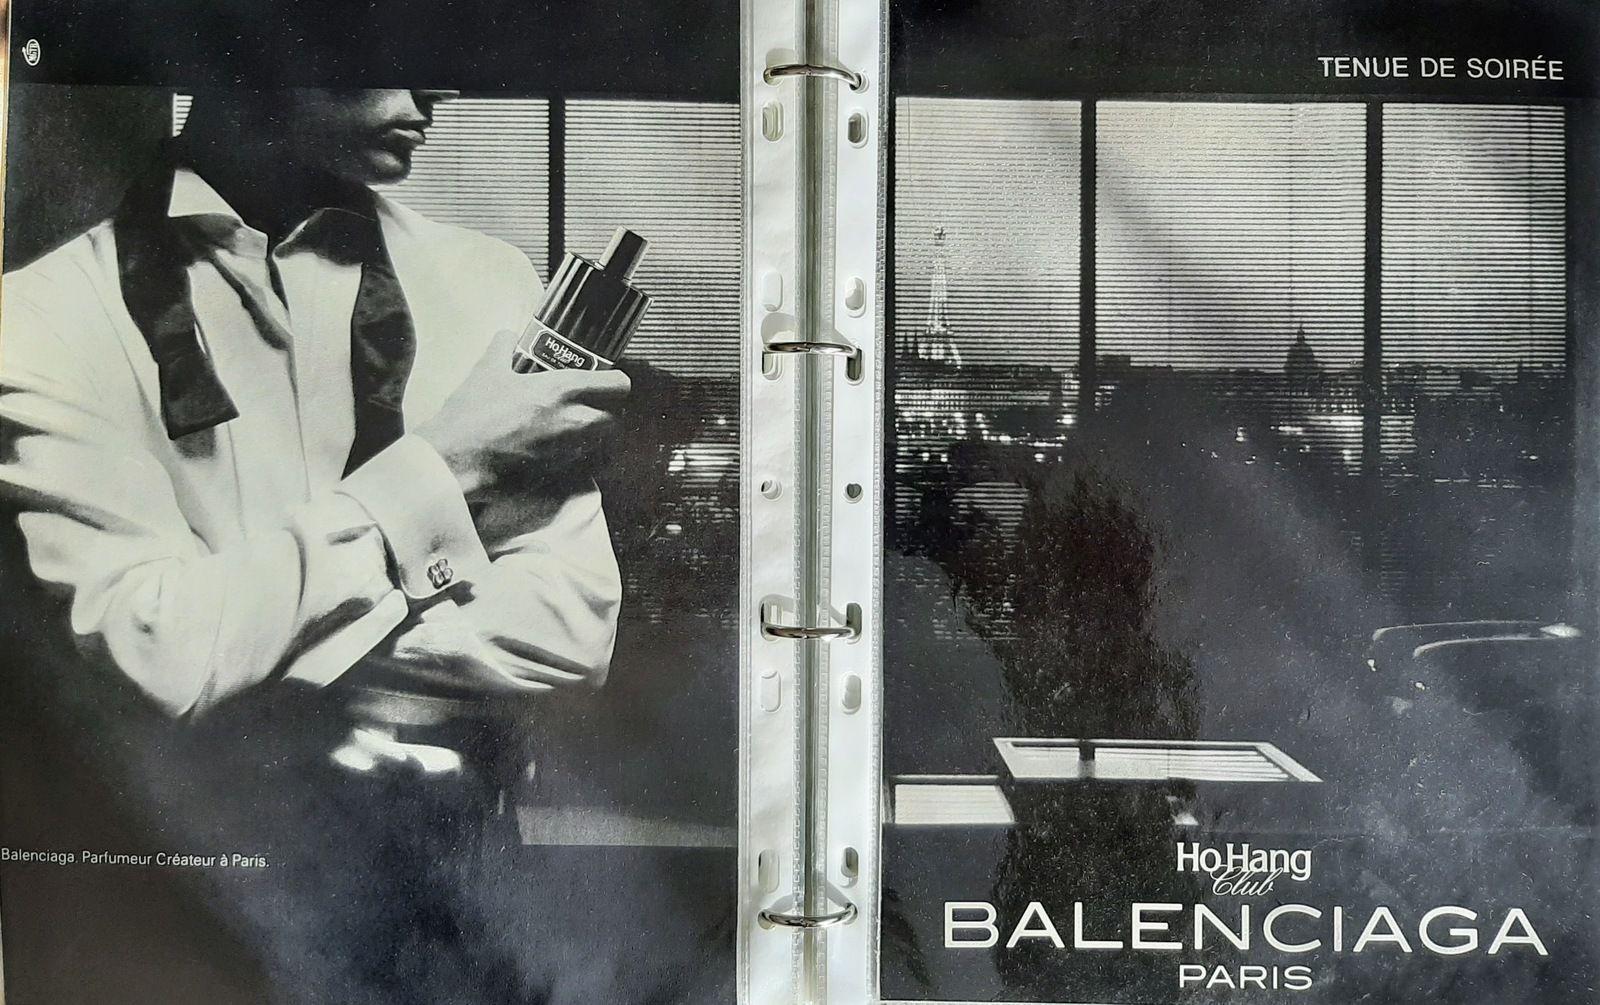 Ho-Hang de BALENCIAGA